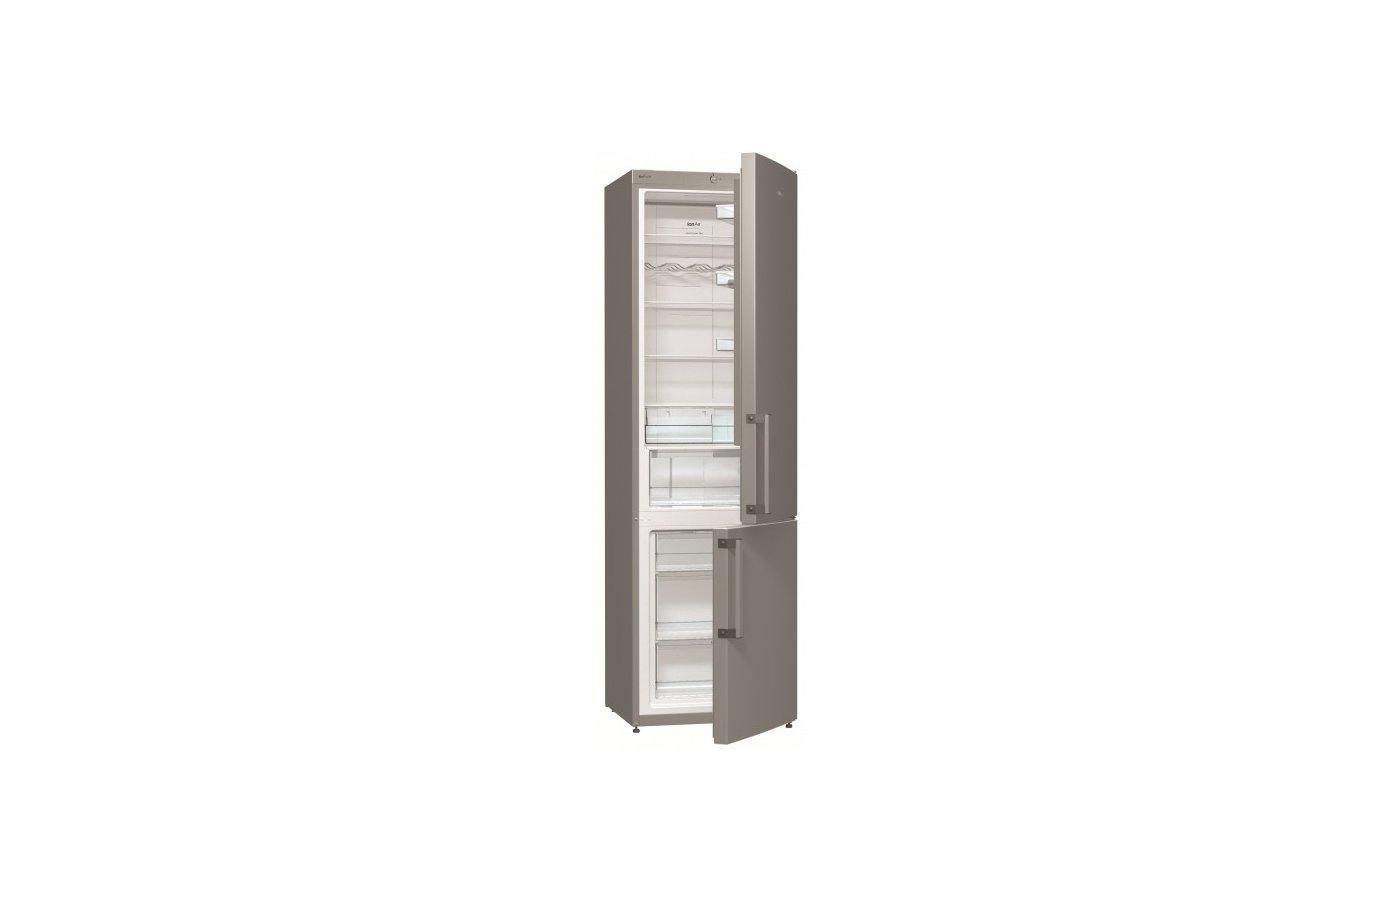 Холодильник GORENJE NRK-6201 GX